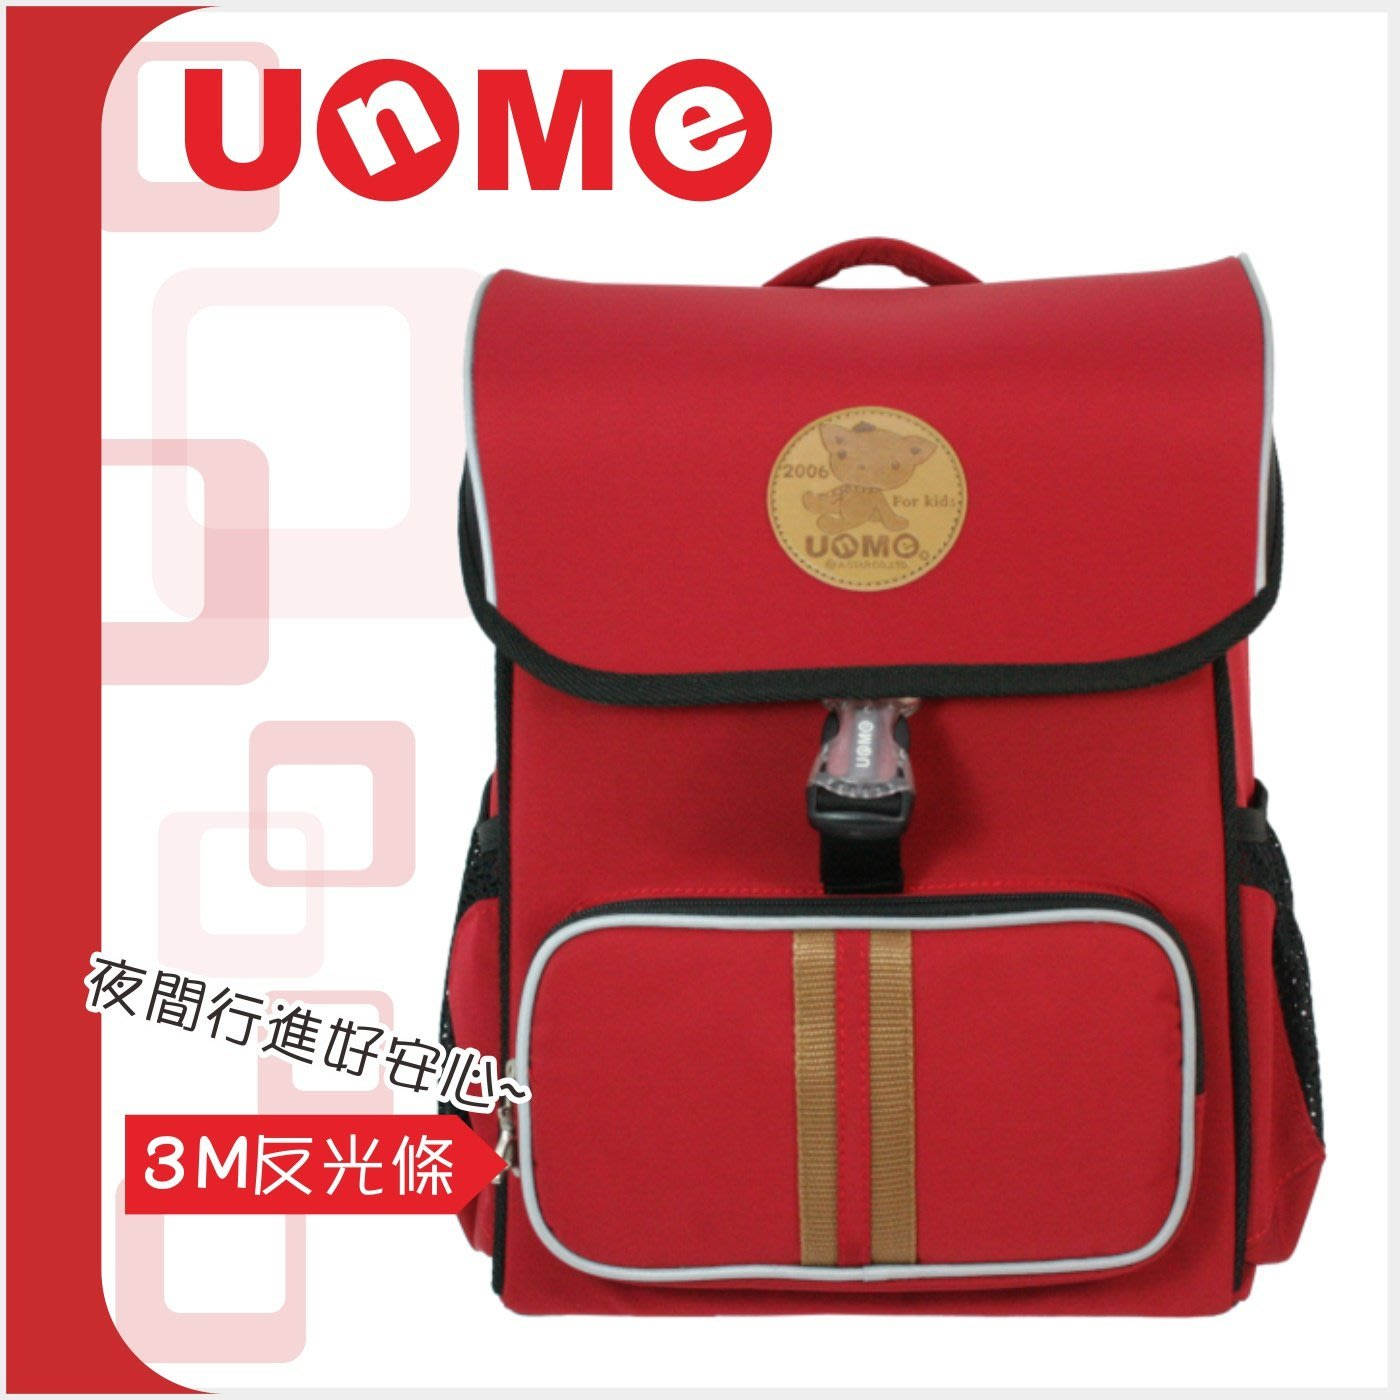 ~高首包包舖~【UNME】後背書包 超輕透氣 人體工學 護脊系列書包  兒童書包【型號:3093 素面款紅色】台灣製